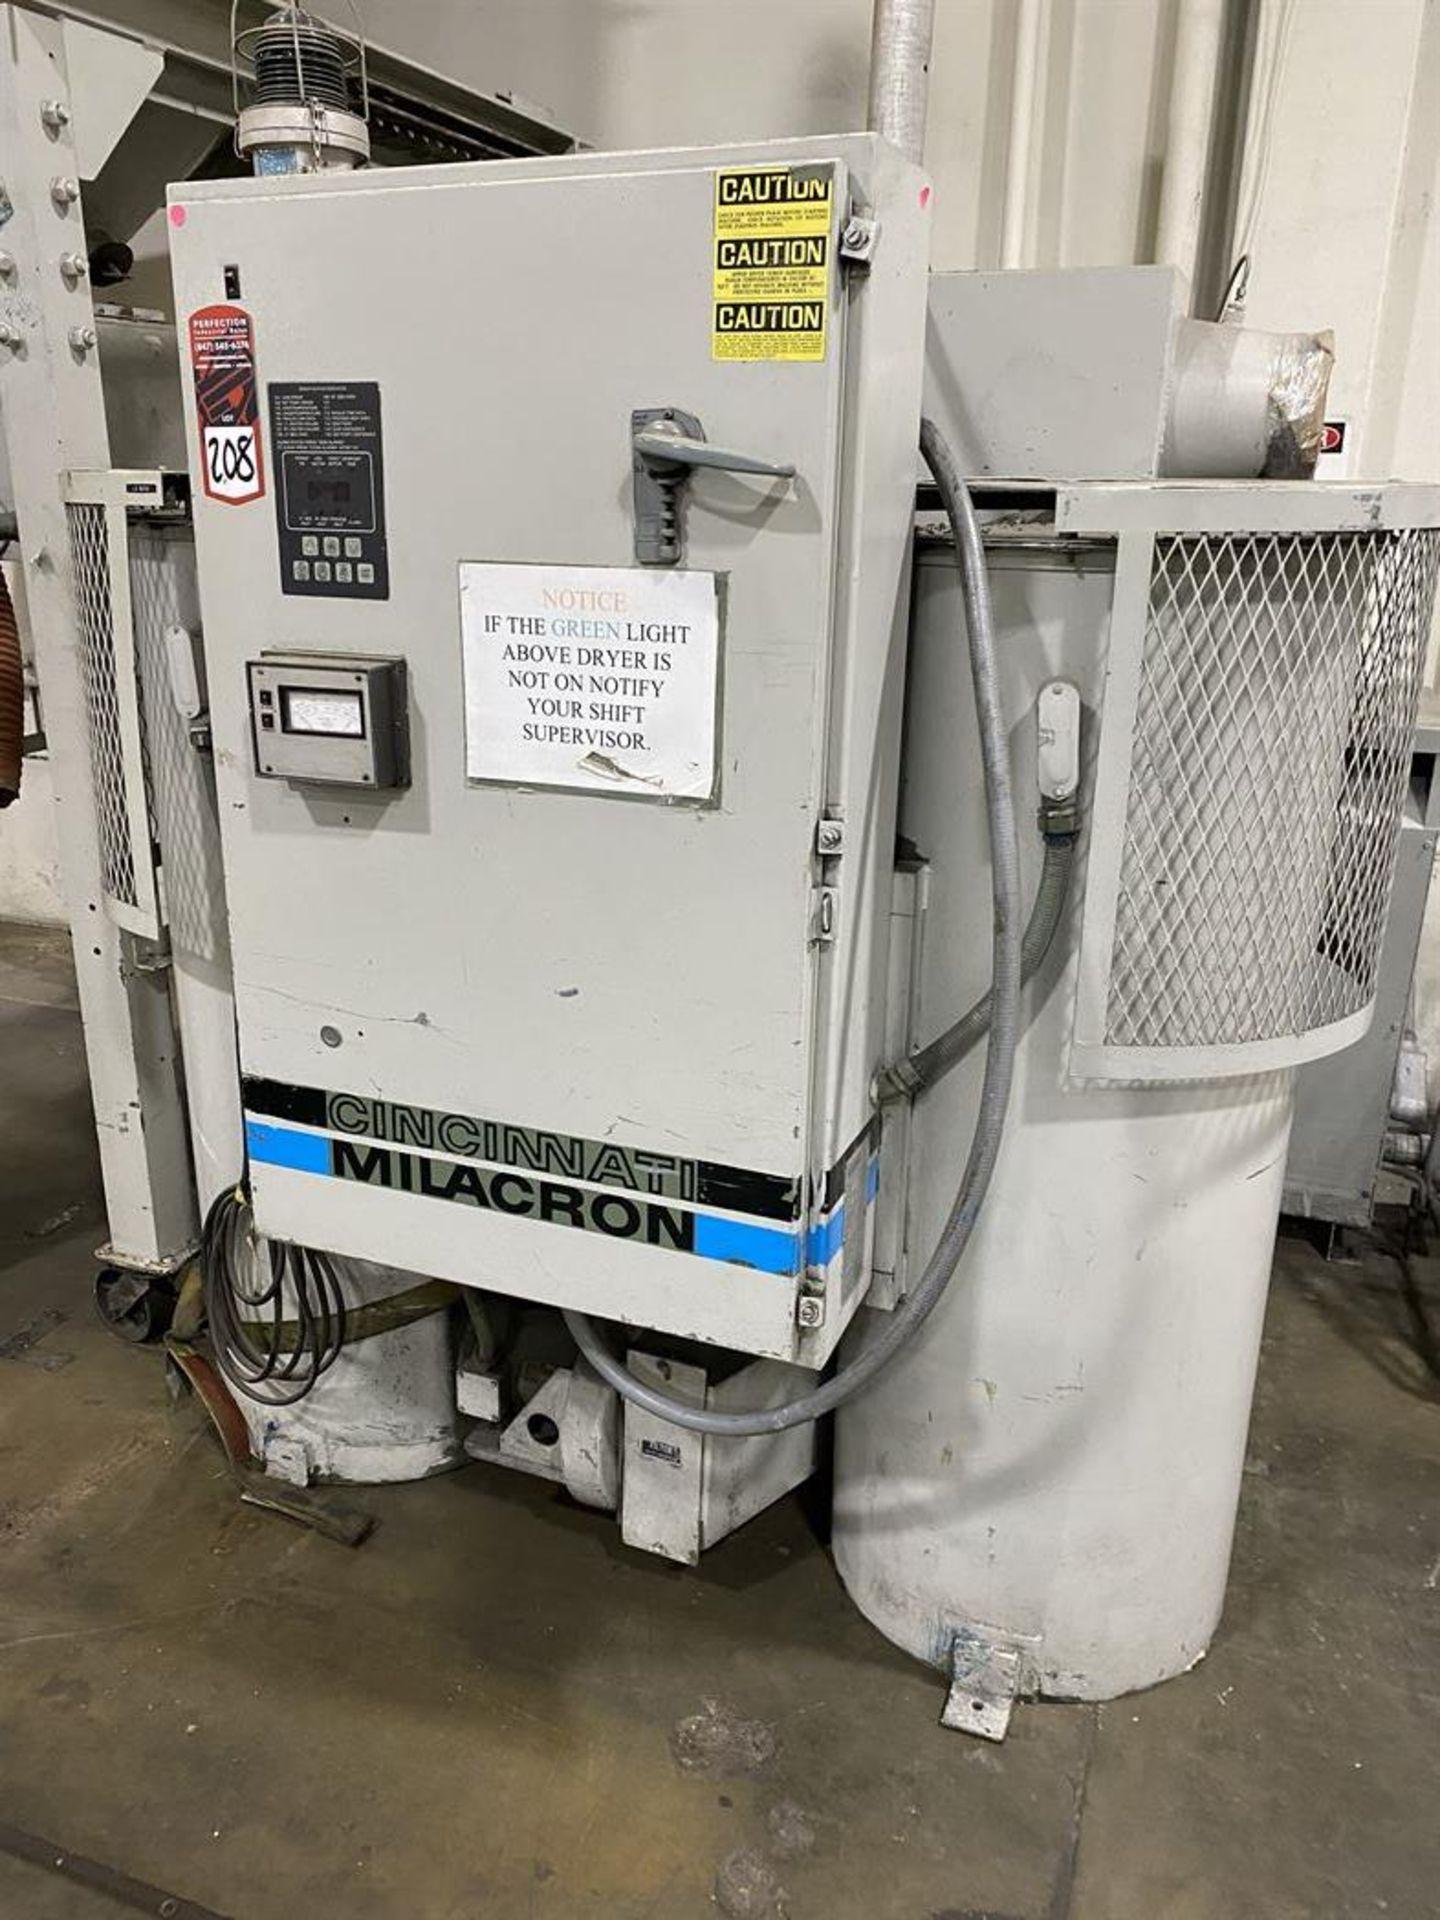 Lot 208 - Cincinnati Milacron DD-1000 Hopper Dryer System, s/n 3933A01-85-48